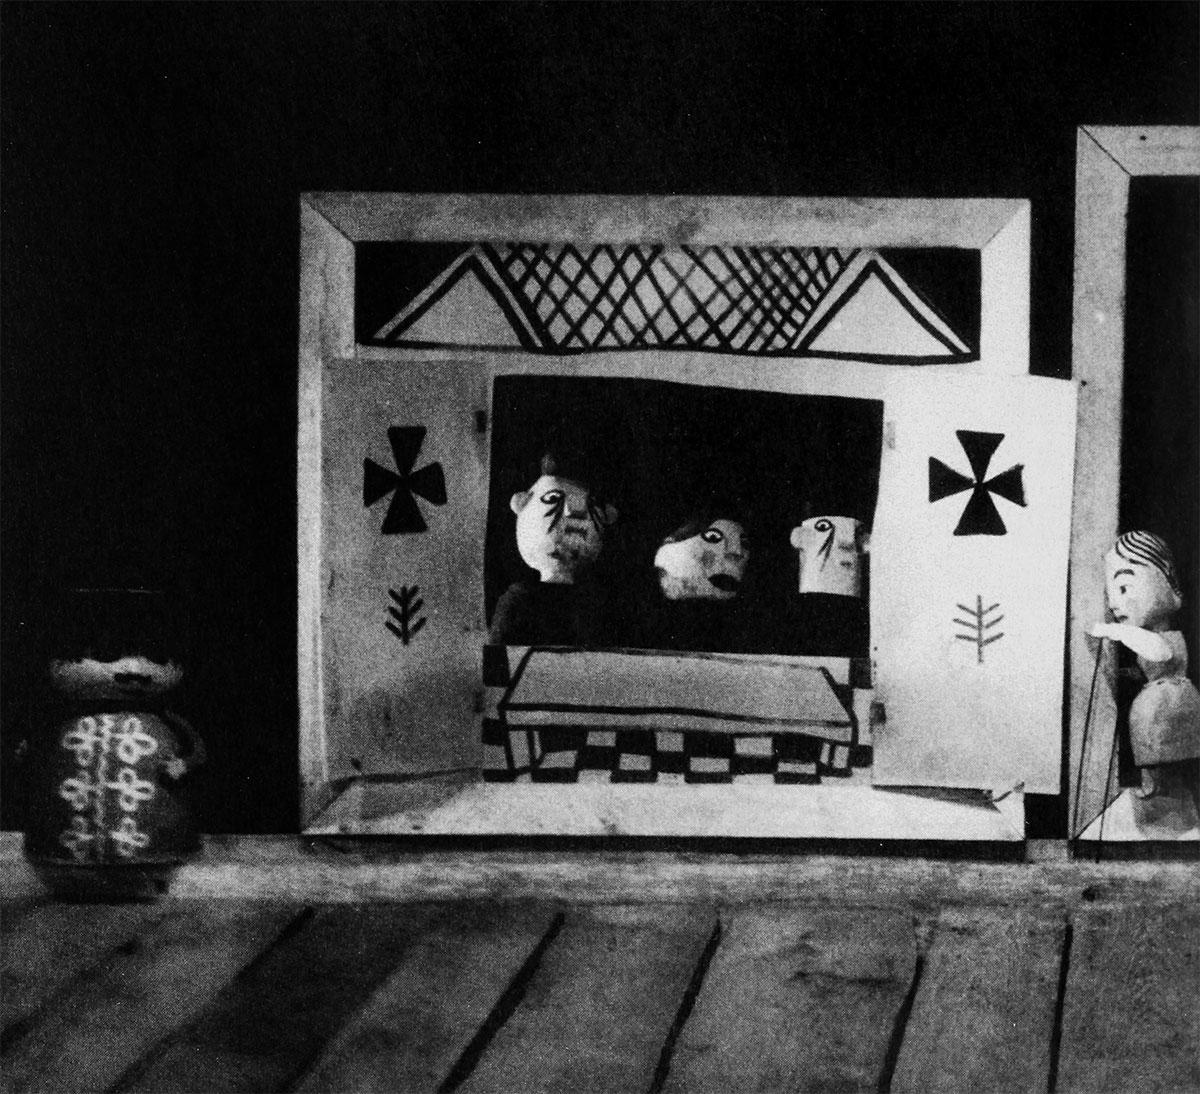 """""""O Zwyrtale muzykancie, czyli jak góral dostał się do nieba"""", reż. Jan Wilkowski, scen. Adam Kilian, Teatr Lalka, Warszawa, prem. 23 grudnia 1958."""